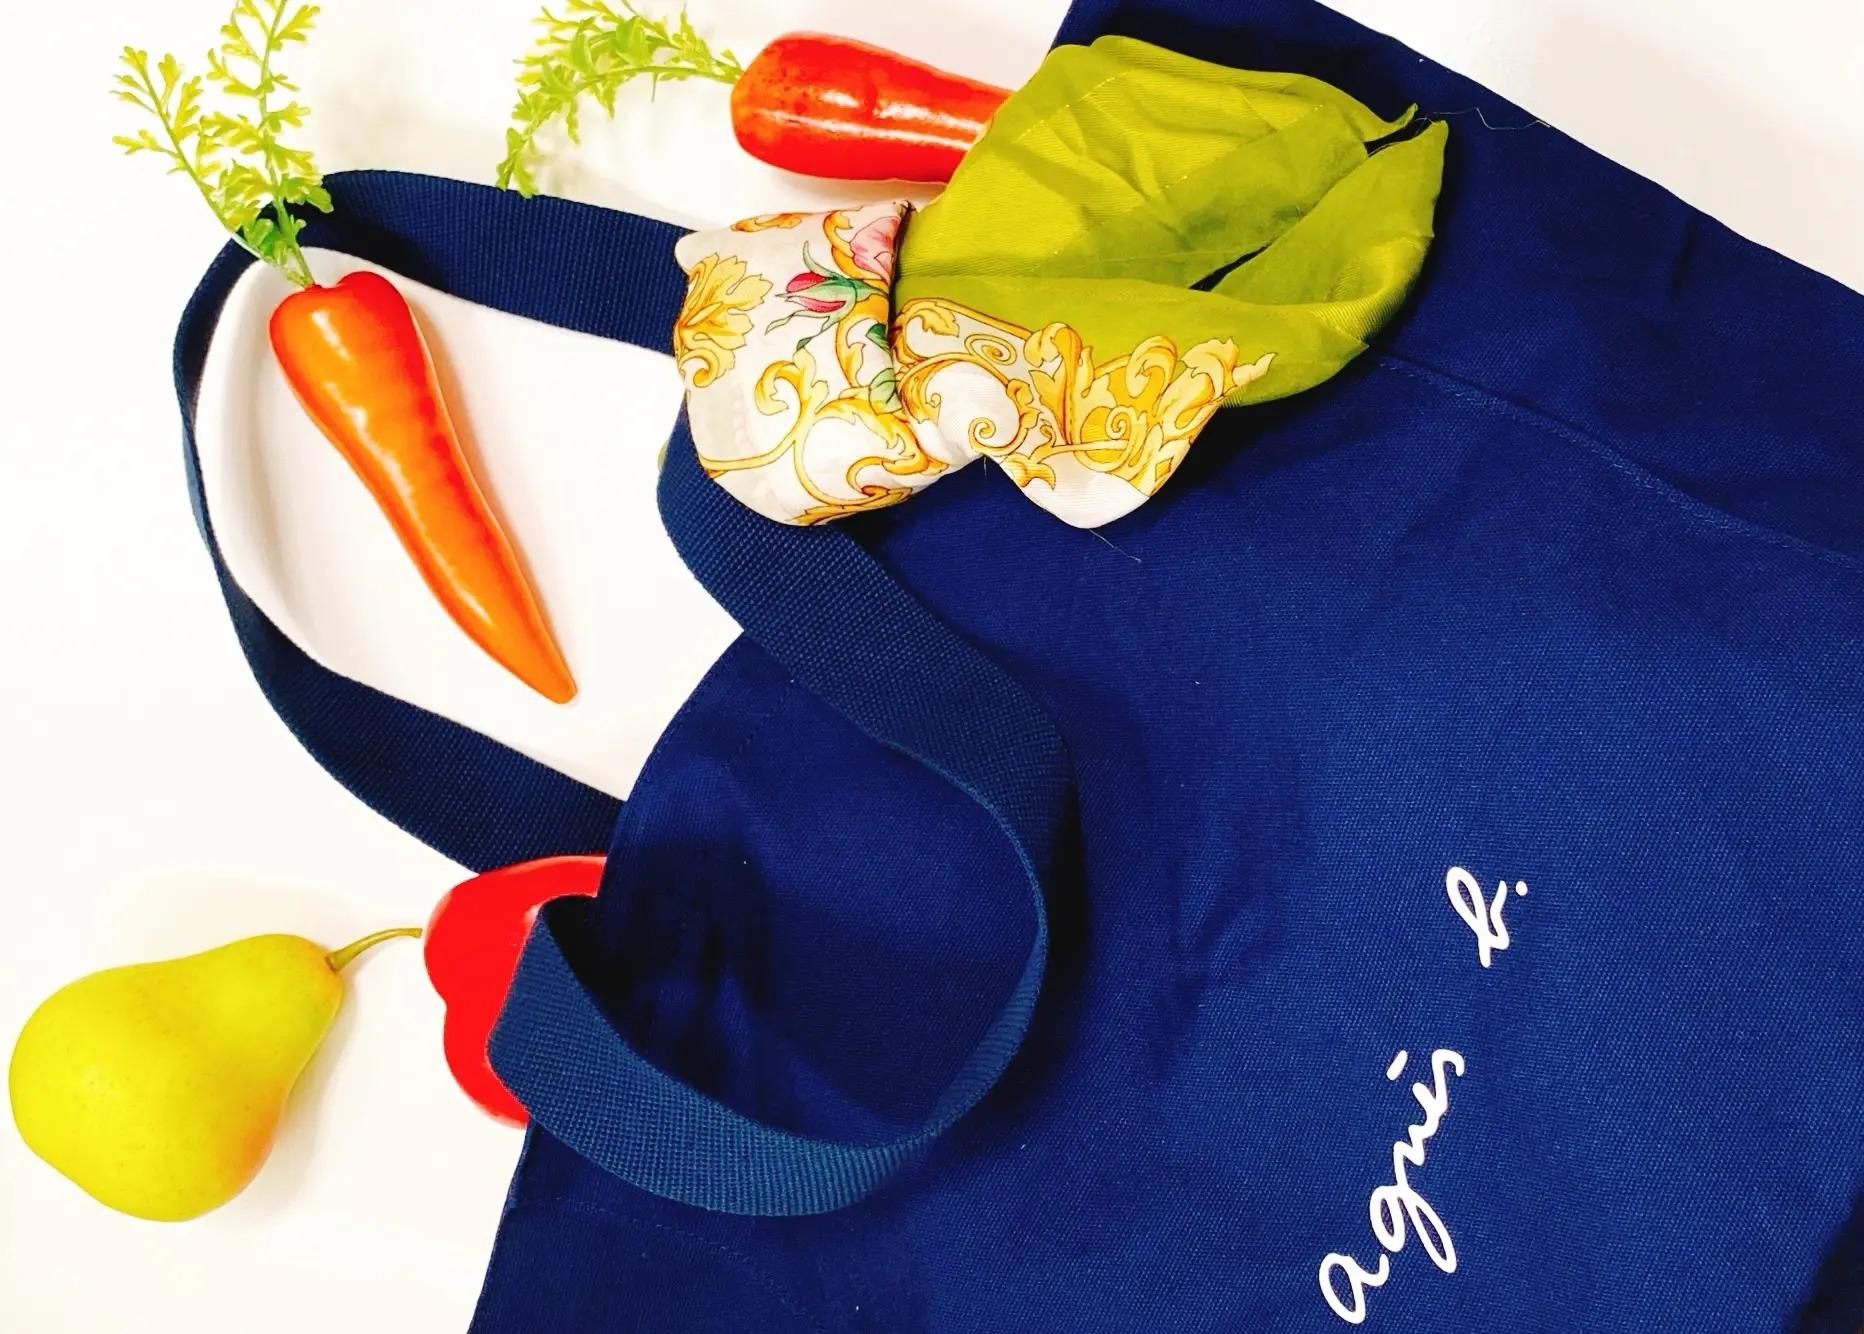 【働く女性のエコバッグまとめ】人気ブランドのおしゃれなバッグも♡ MOREインフルエンサーズのMyバッグ特集_9